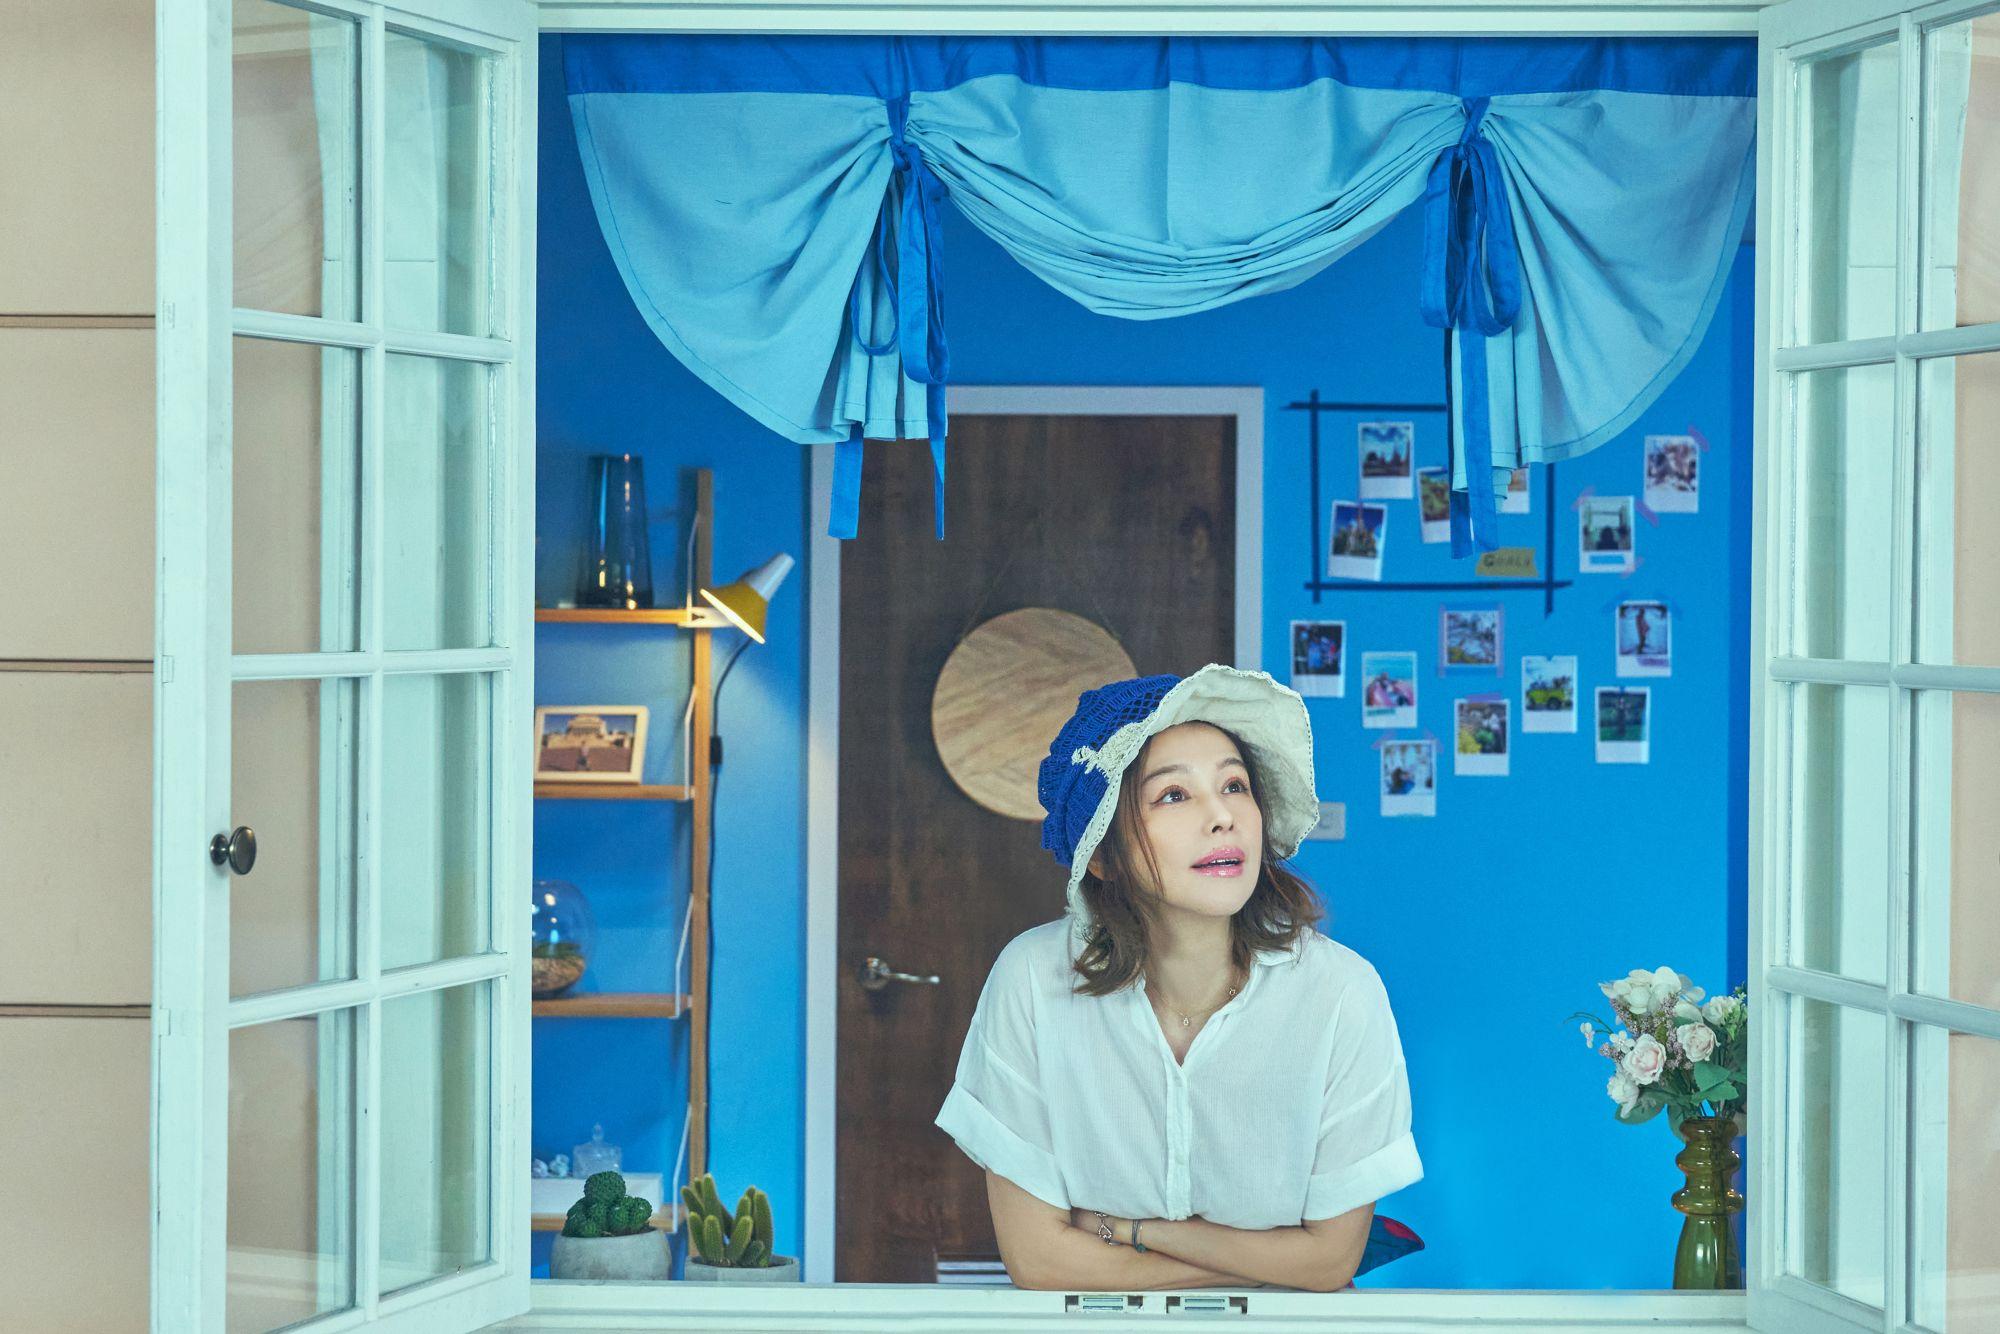 影視歌三棲全能女神徐若瑄,變身為明代沈周〈廬山高圖〉,飾演無法出門的旅遊部落客。